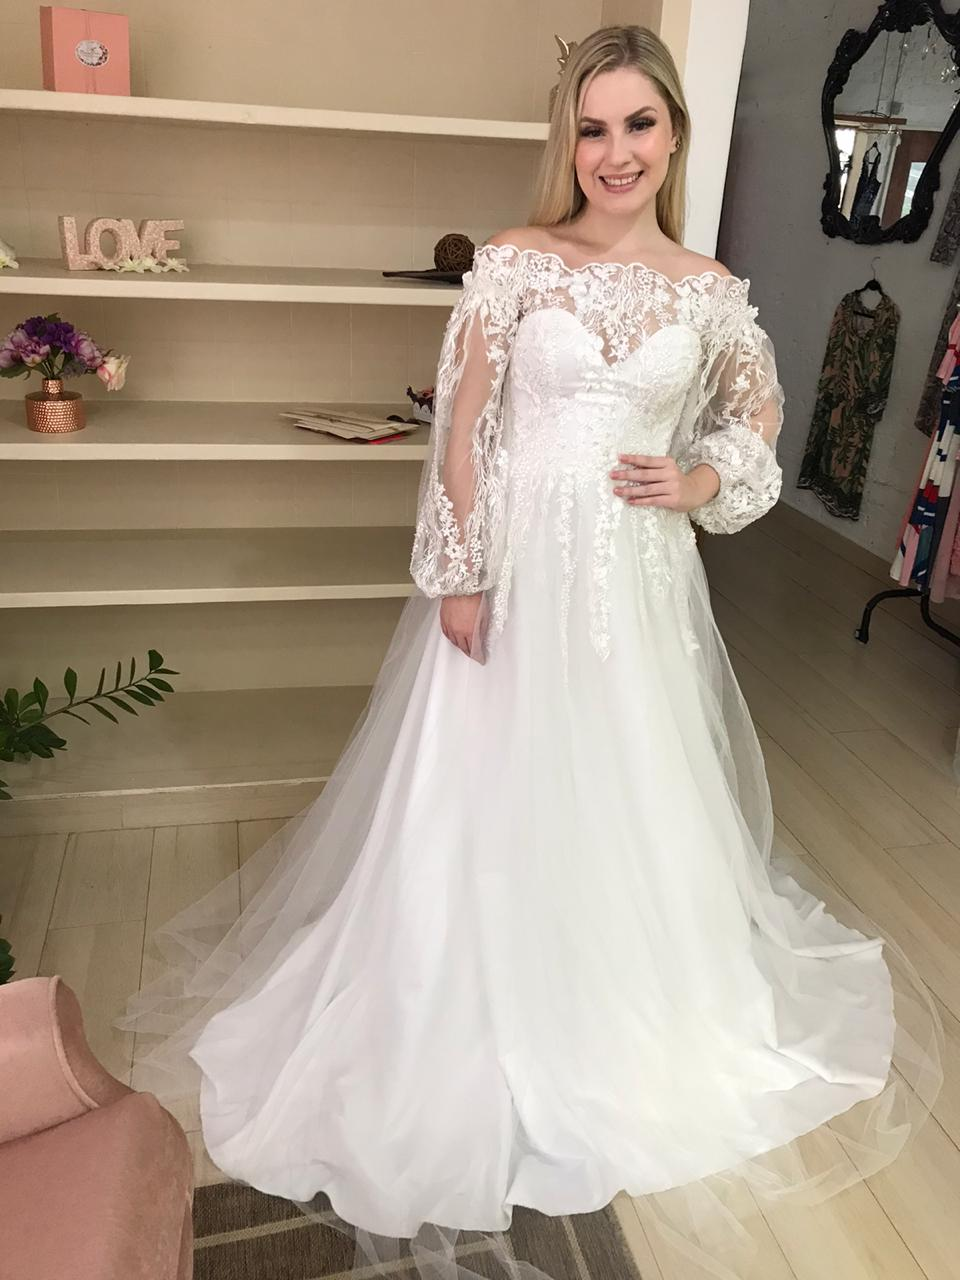 Atelier vestido de noiva sob medida na zona leste